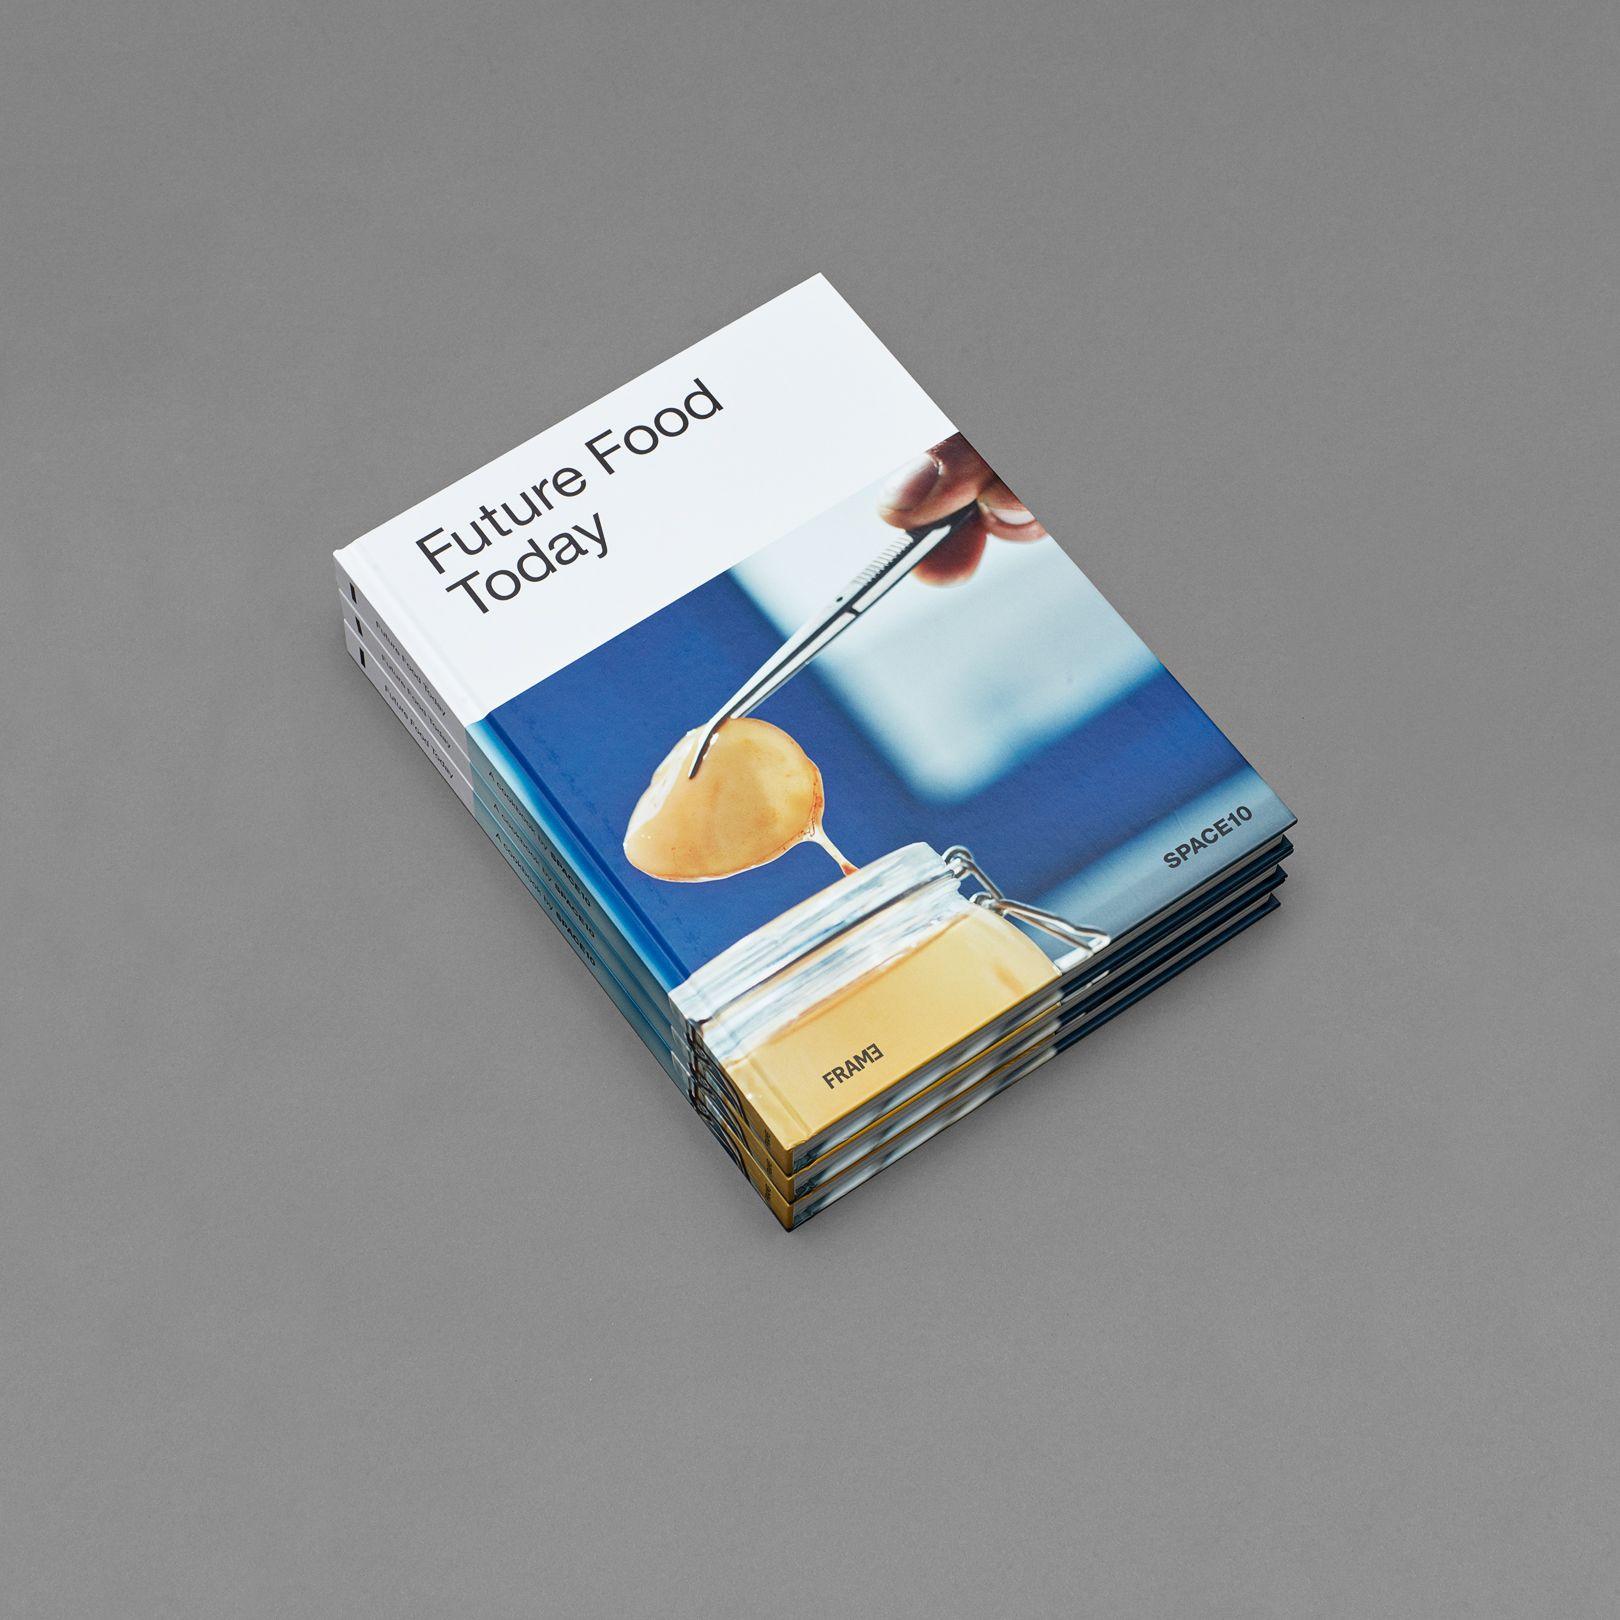 future-food-cover-photo